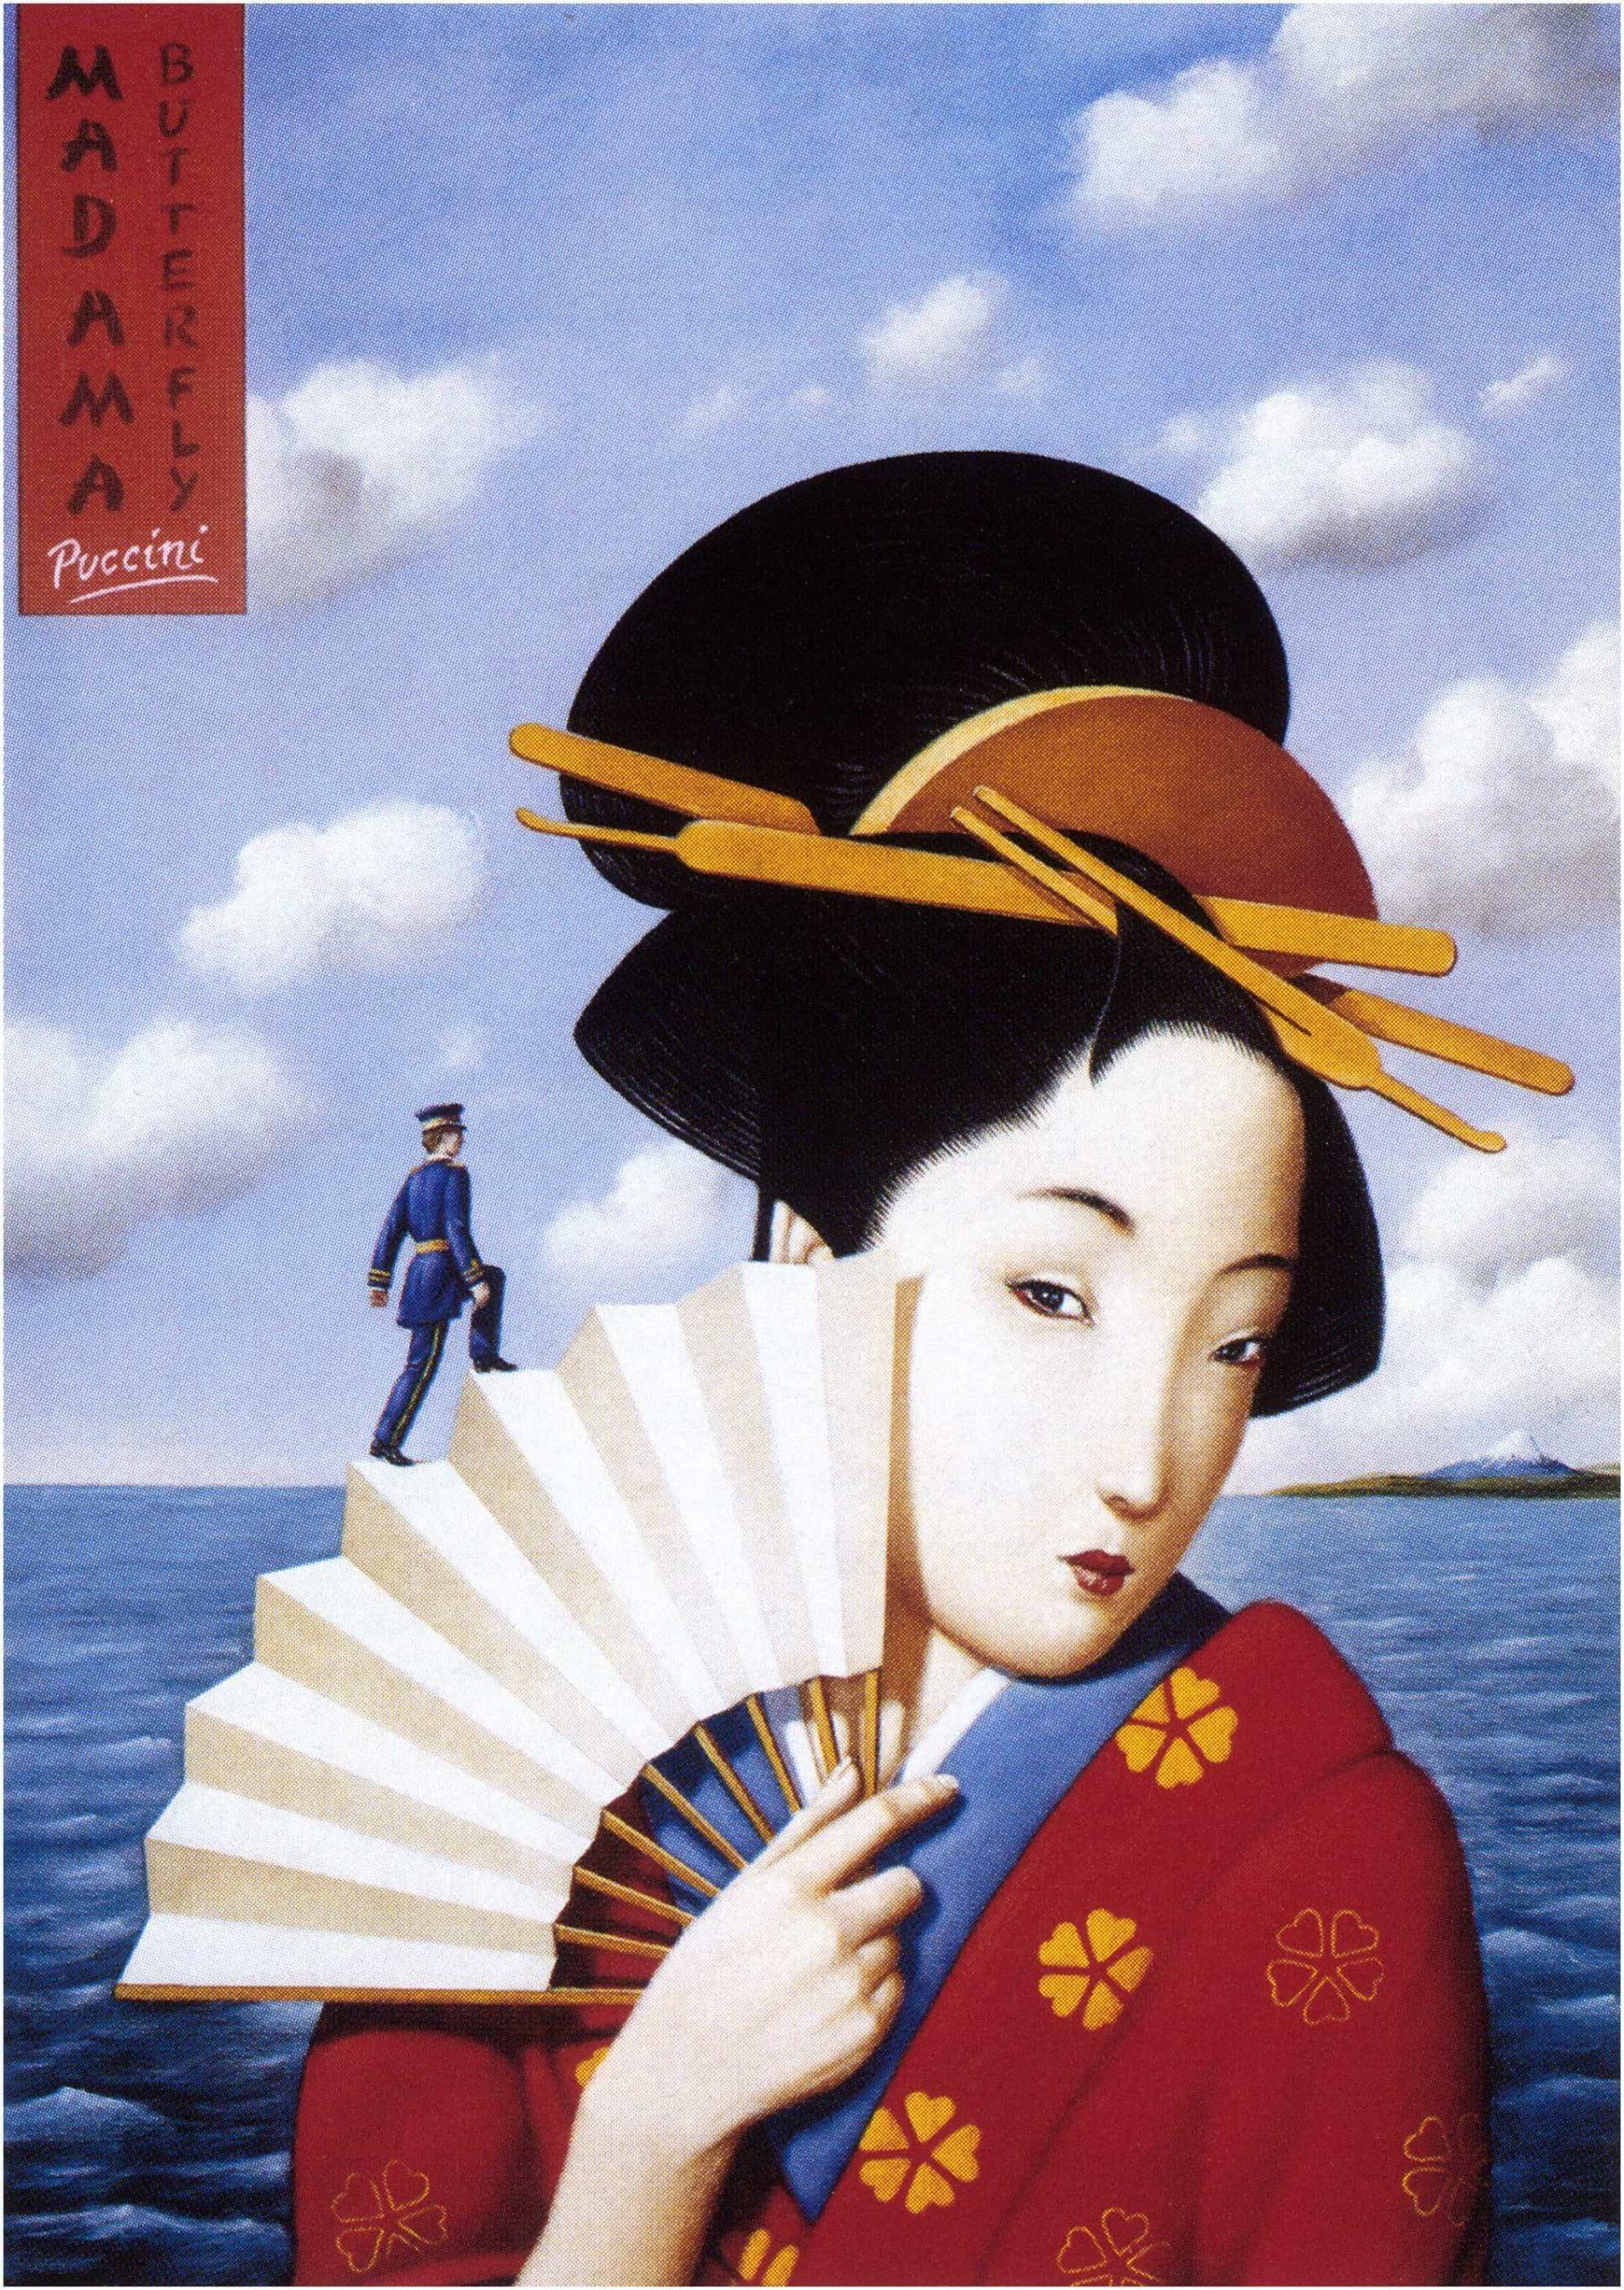 סיפורם של בני התערובת (האפו - Hāfu) ביפן